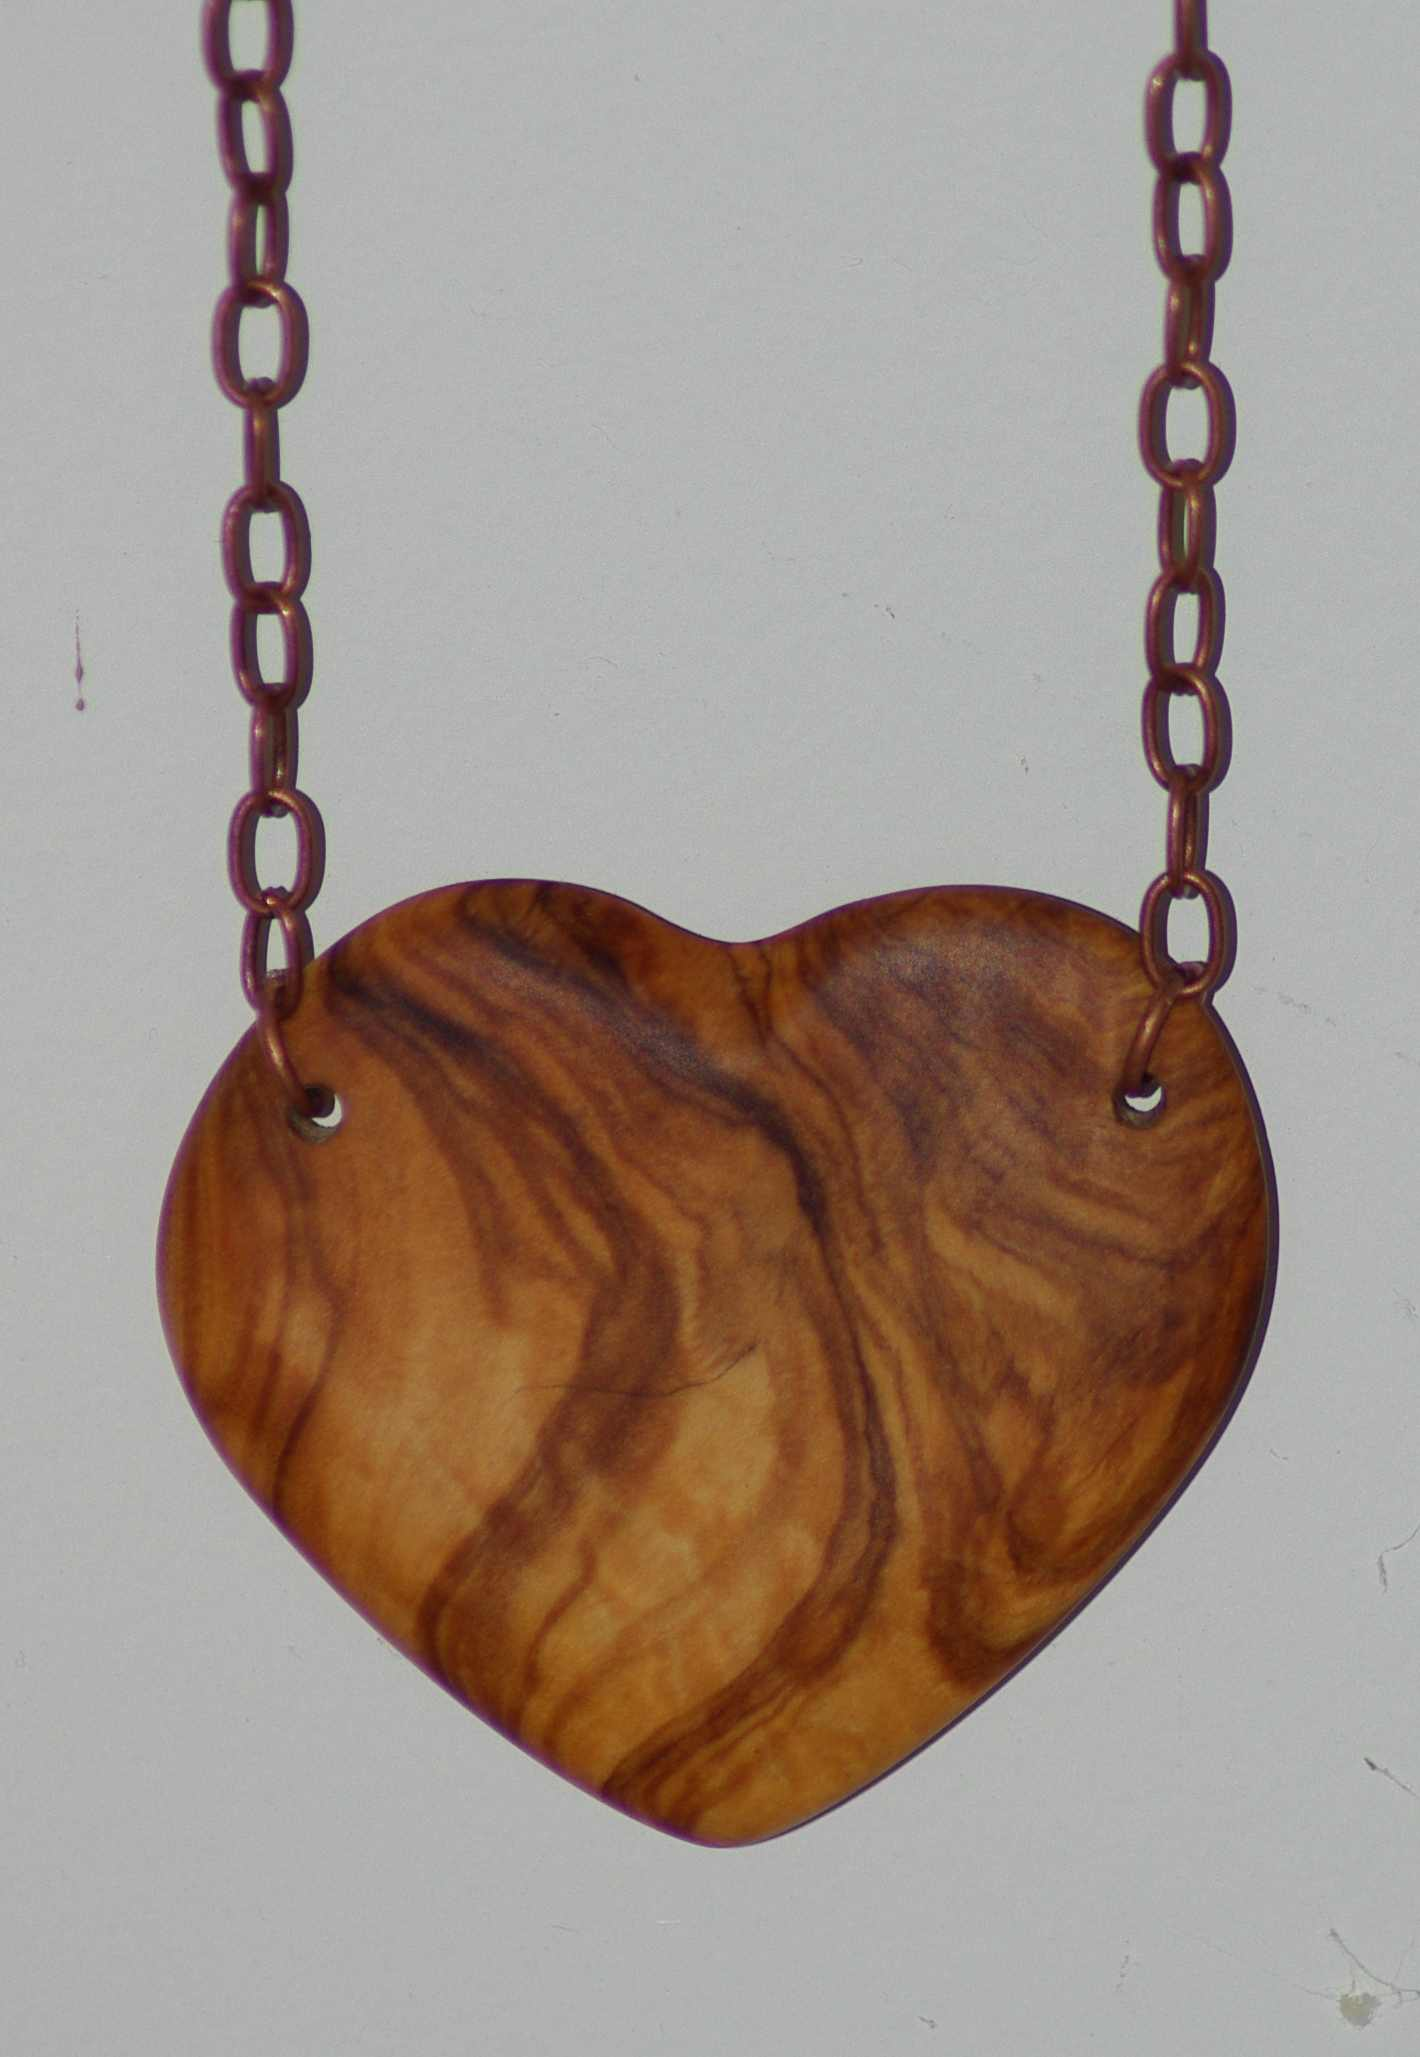 un gros coeur en bois d olivier mont sur chaine le. Black Bedroom Furniture Sets. Home Design Ideas